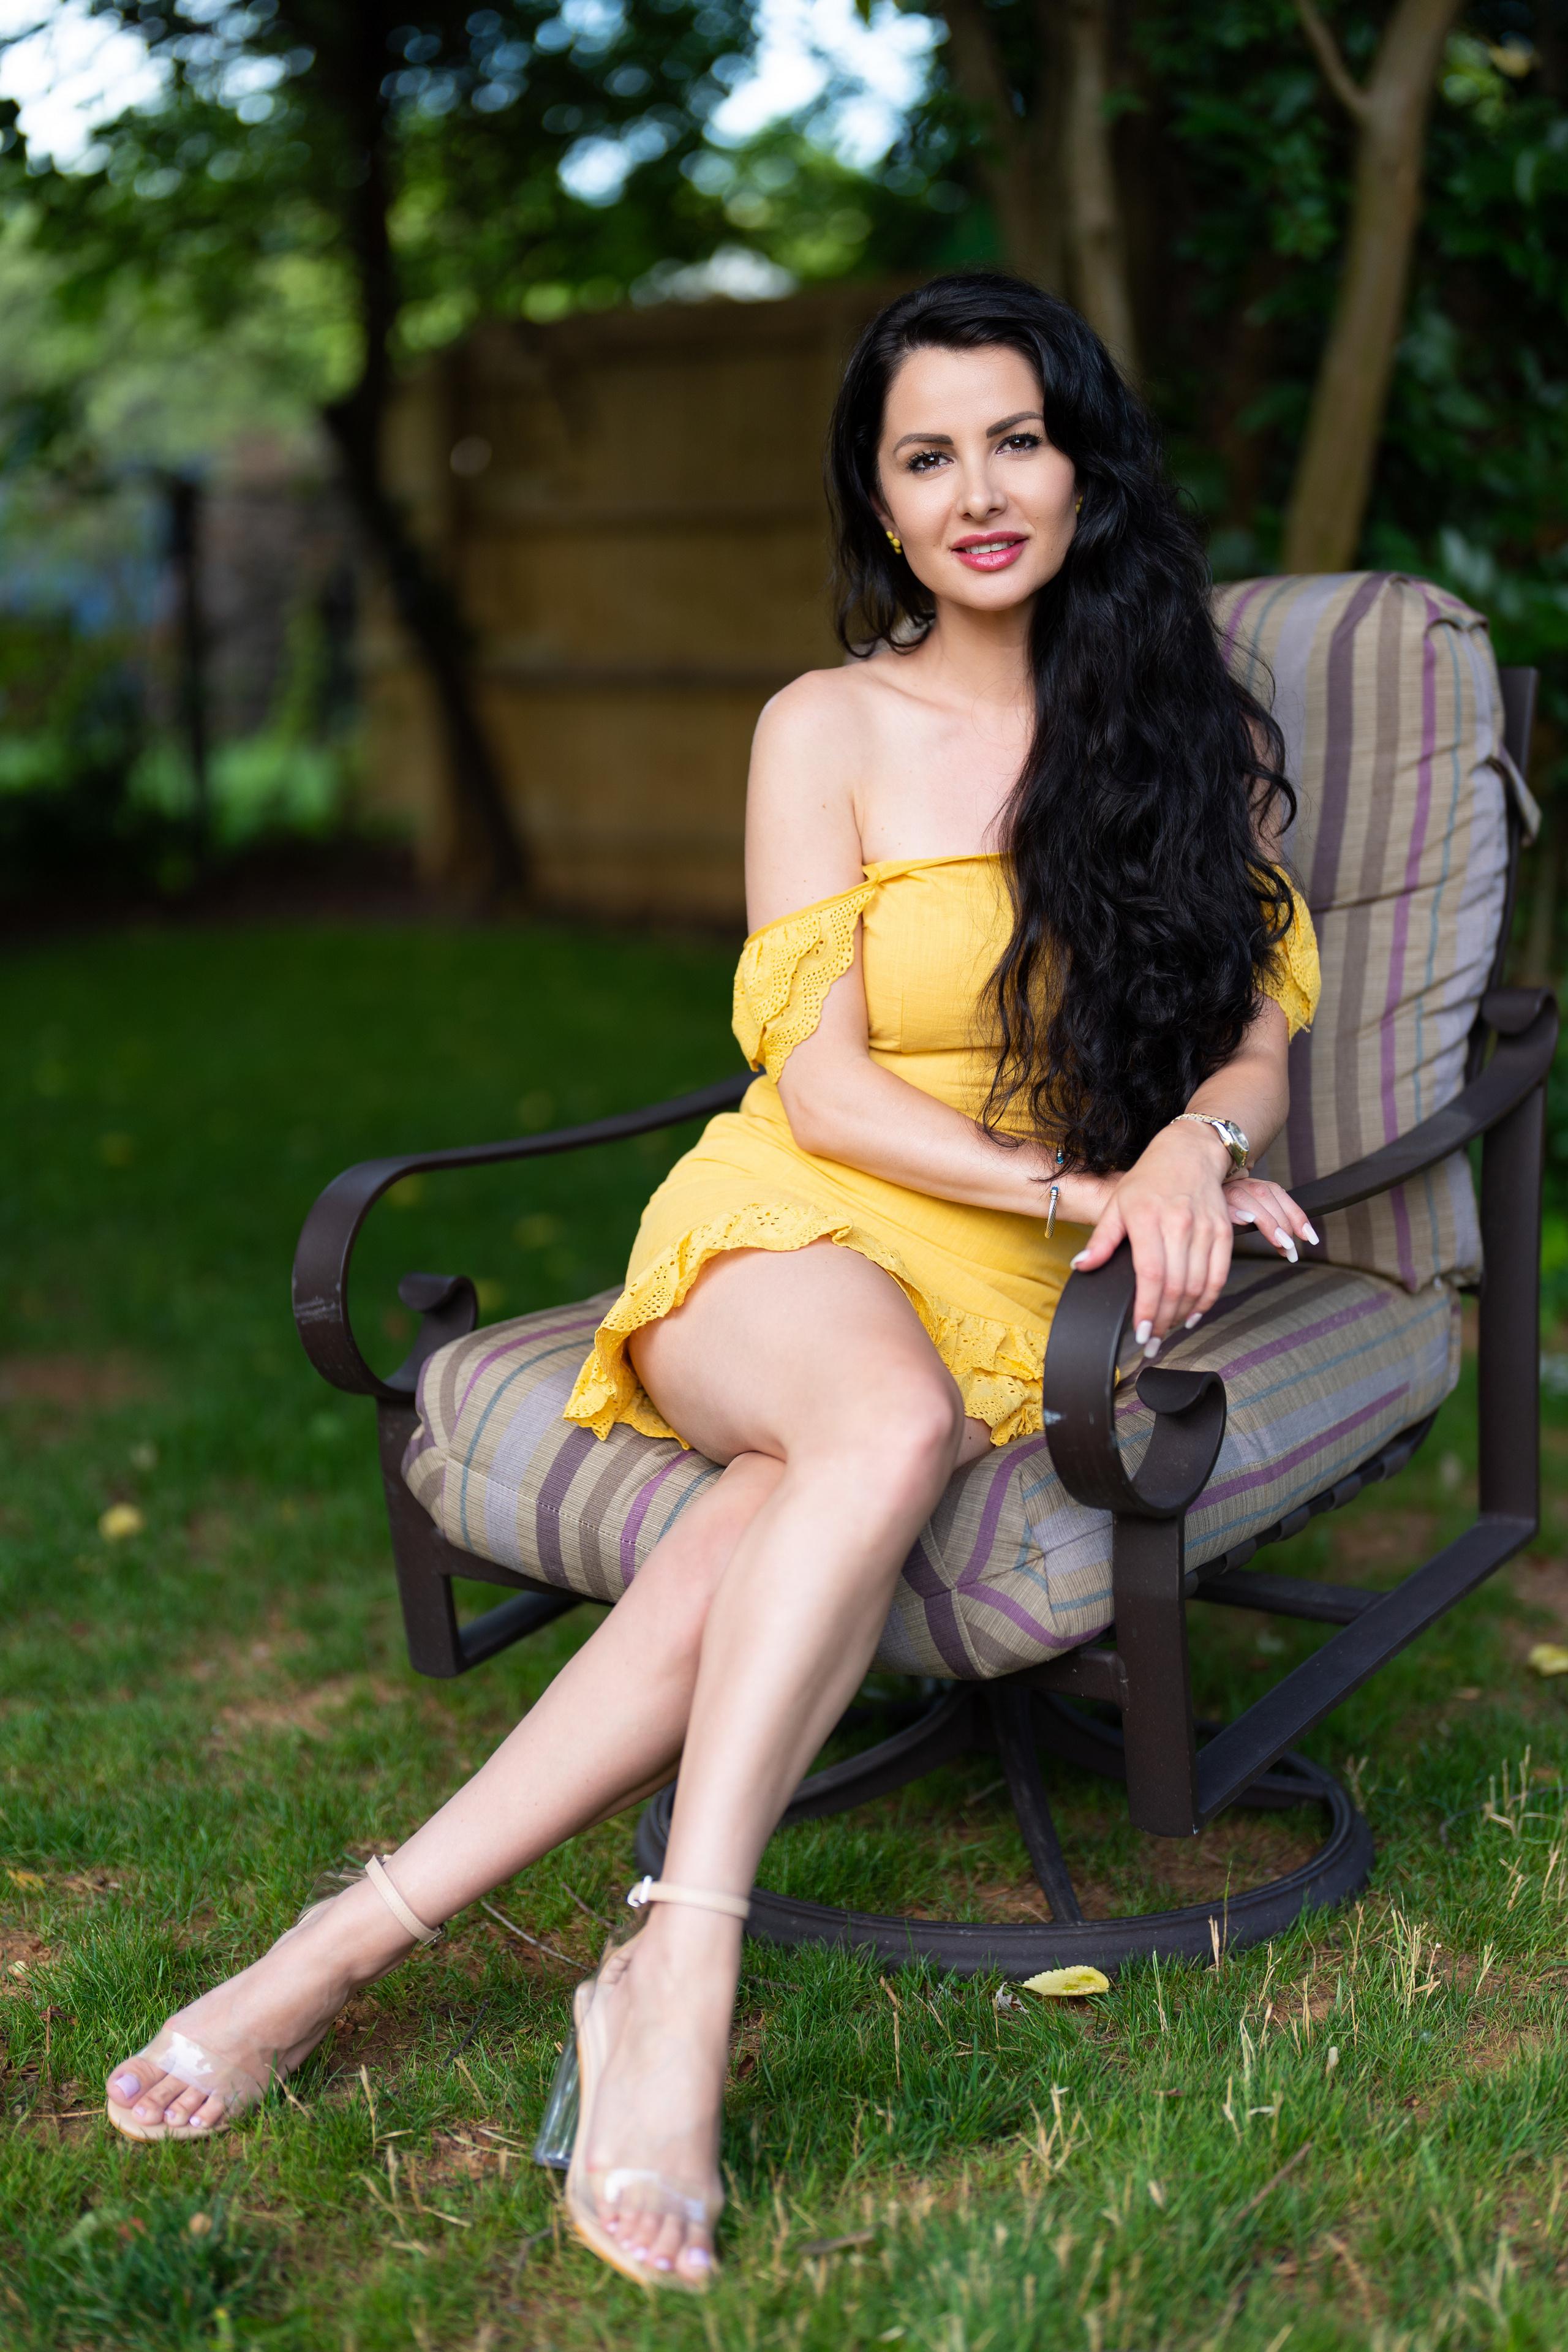 Fotos Victoria Bell Brünette junge Frauen Bein Sessel sitzen Blick 2560x3840 für Handy Mädchens junge frau sitzt Sitzend Starren